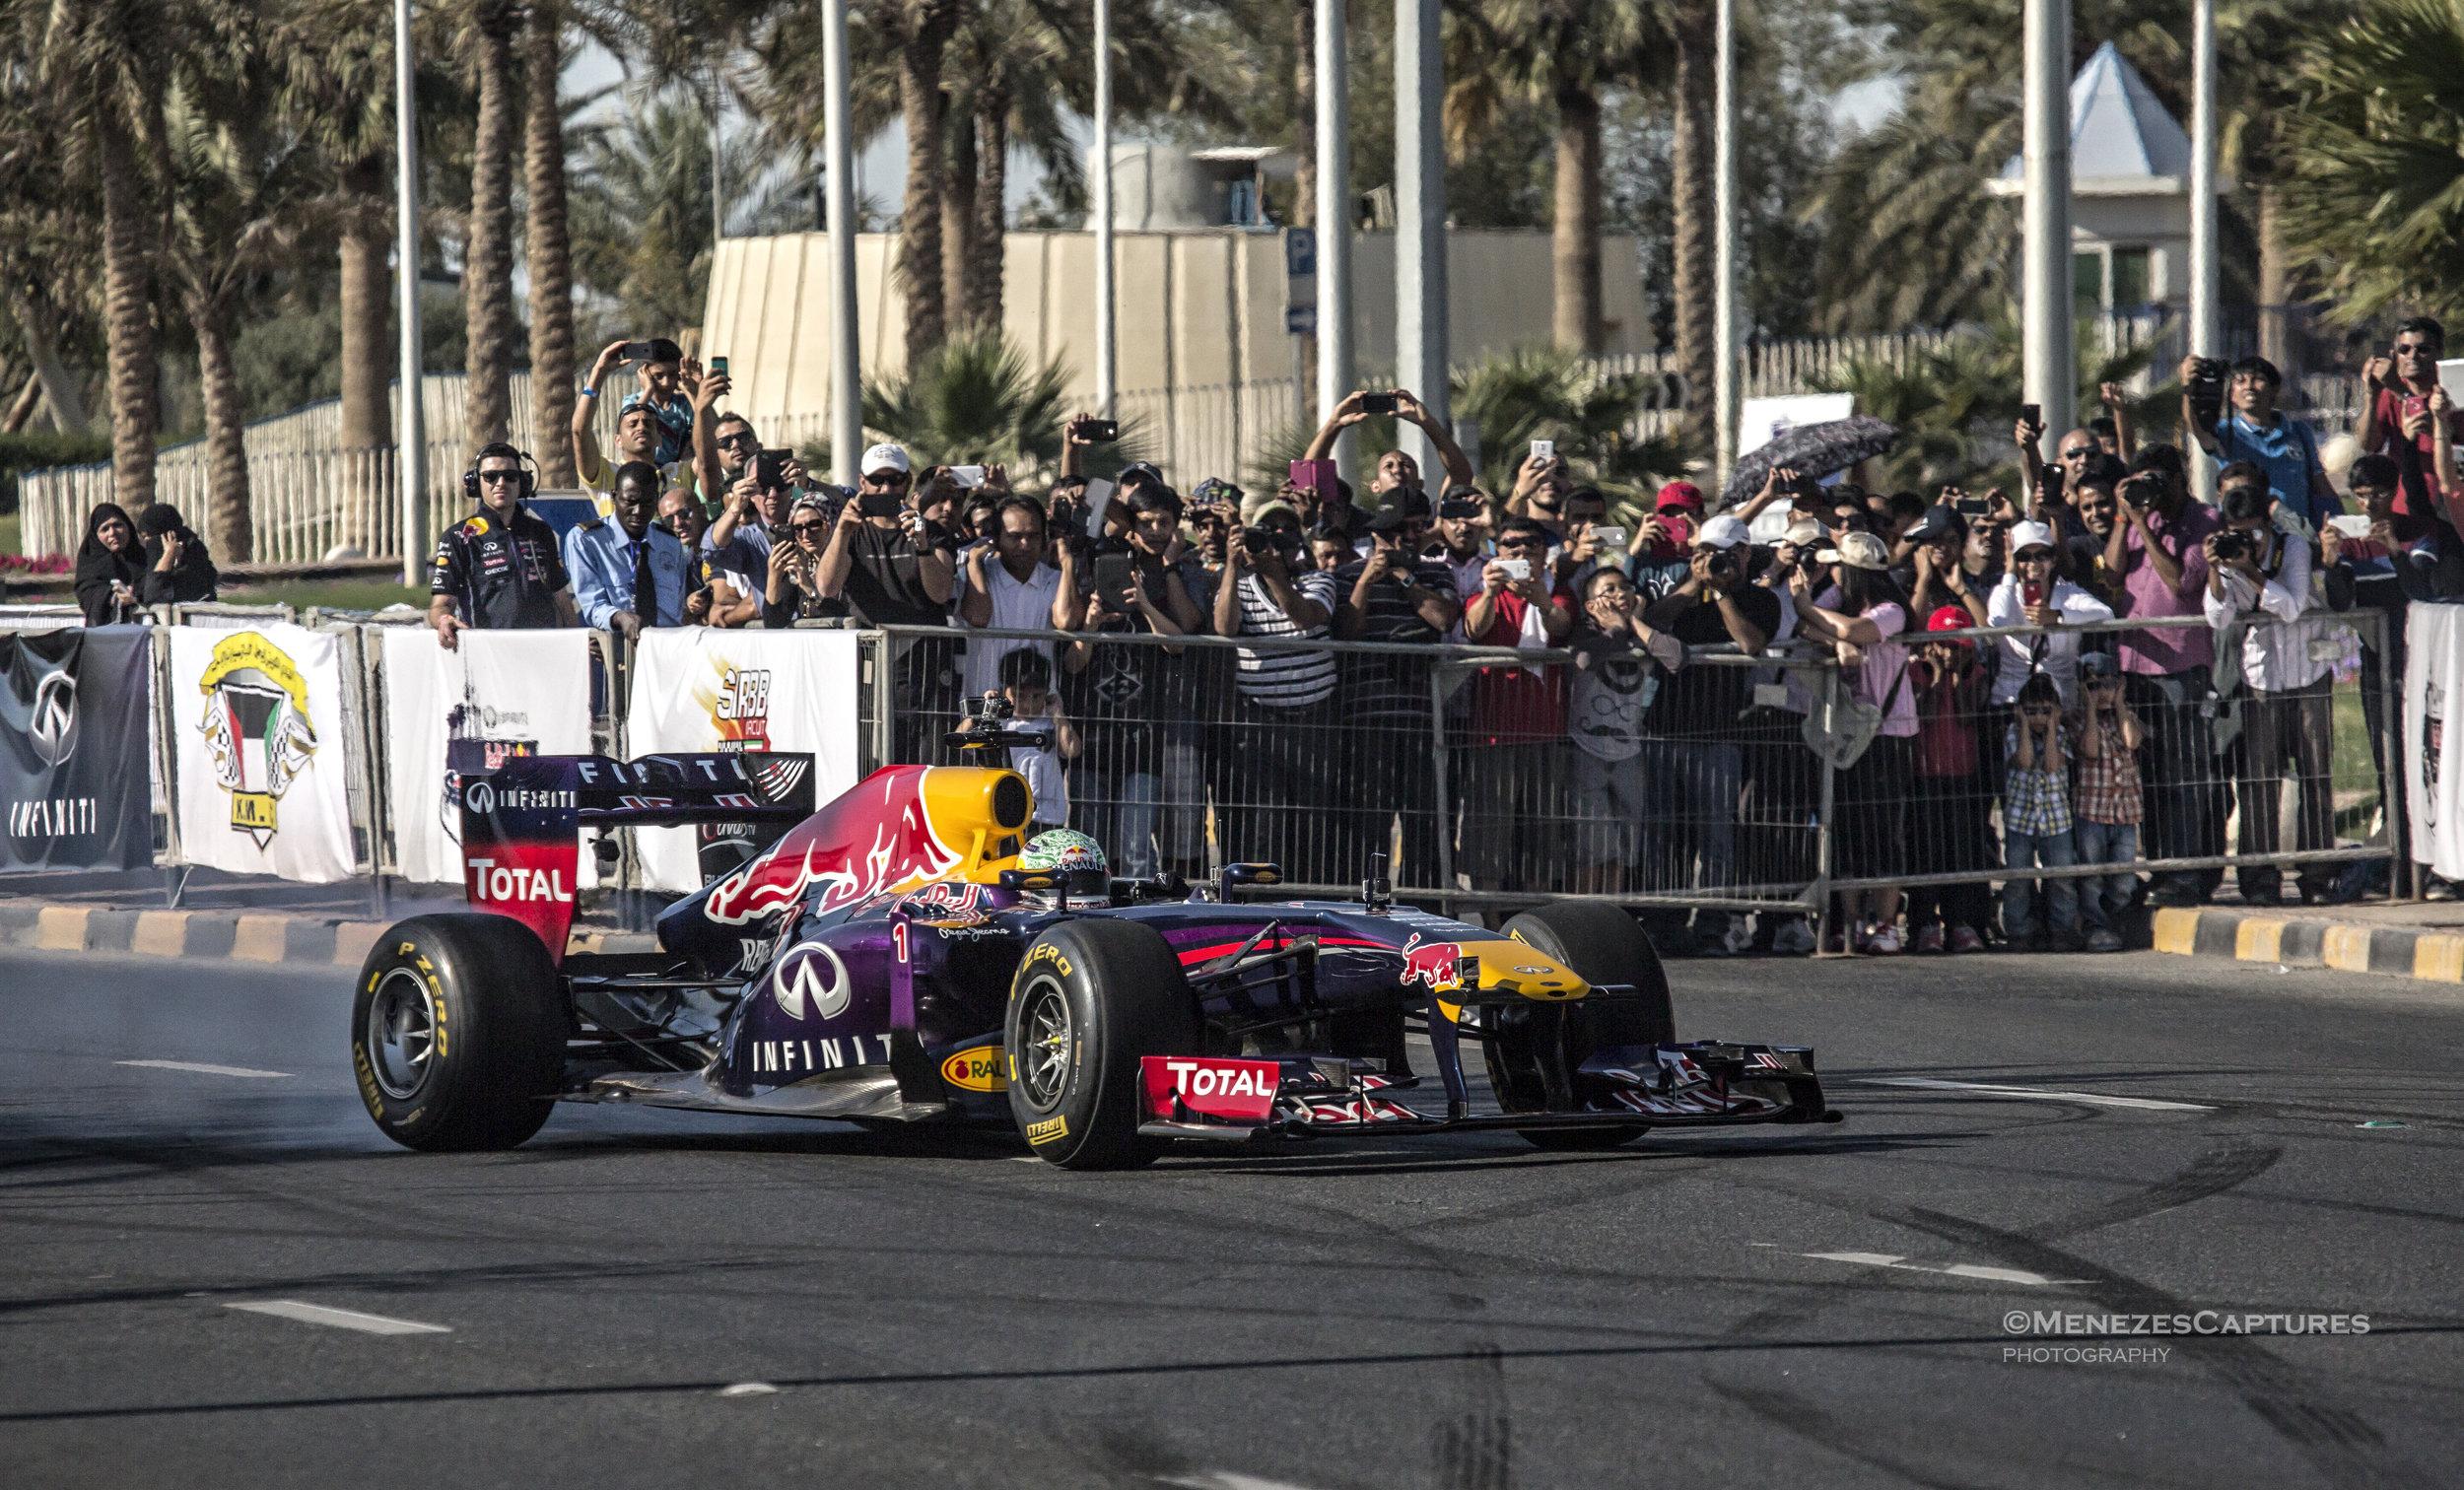 Redbull F1 Showrun, Kuwait (2013)